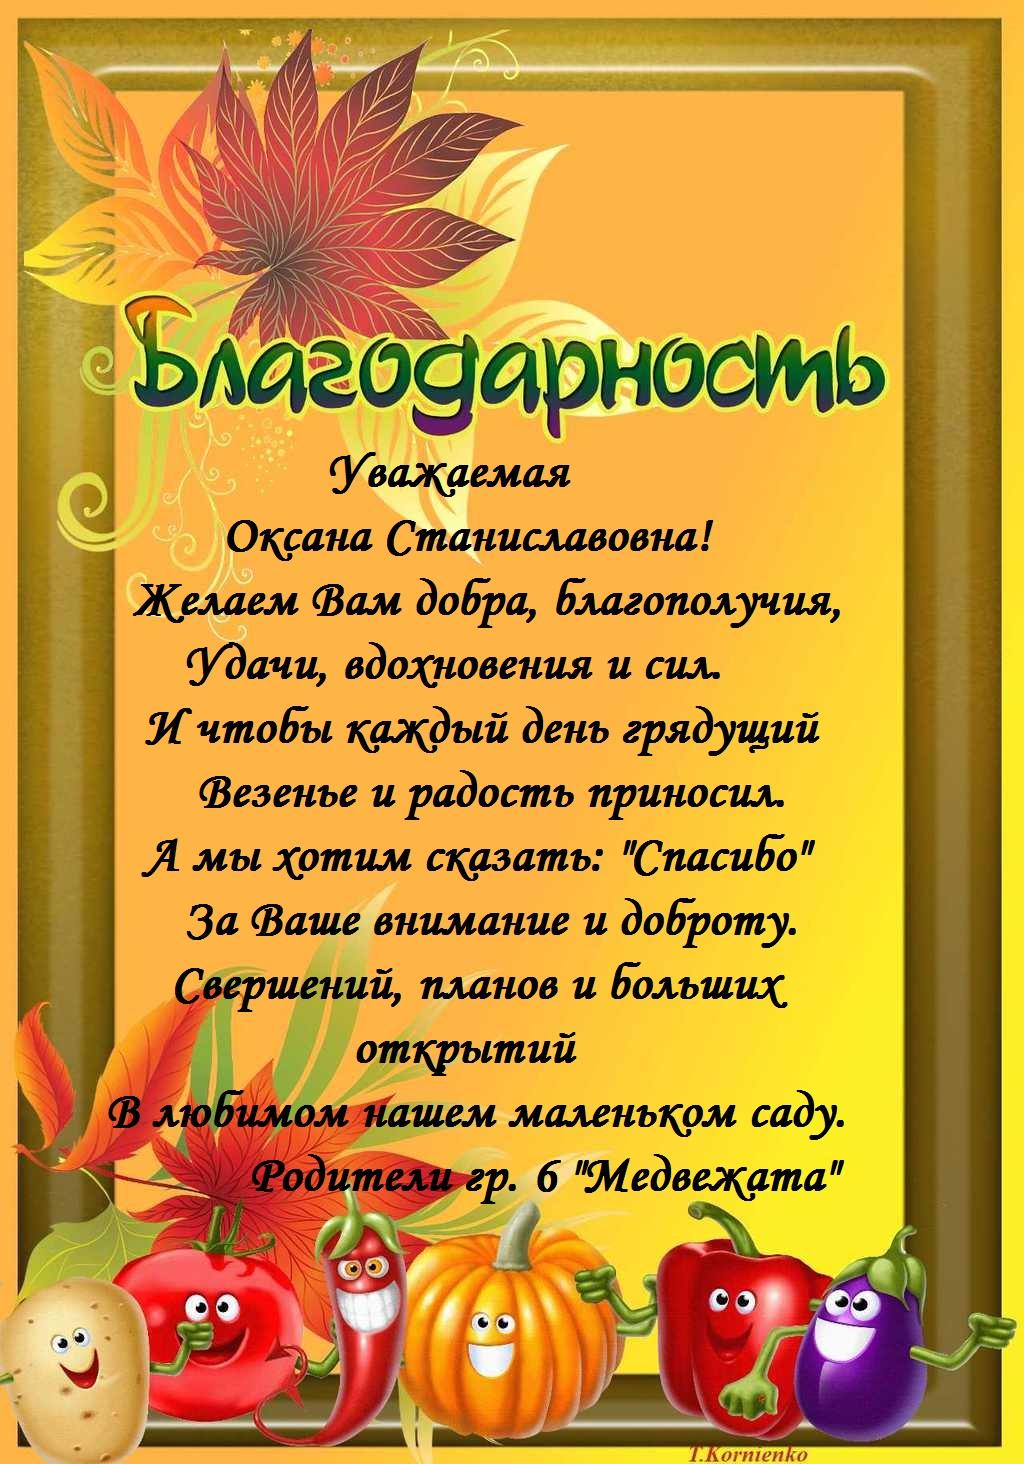 blagodarnost_5.jpg